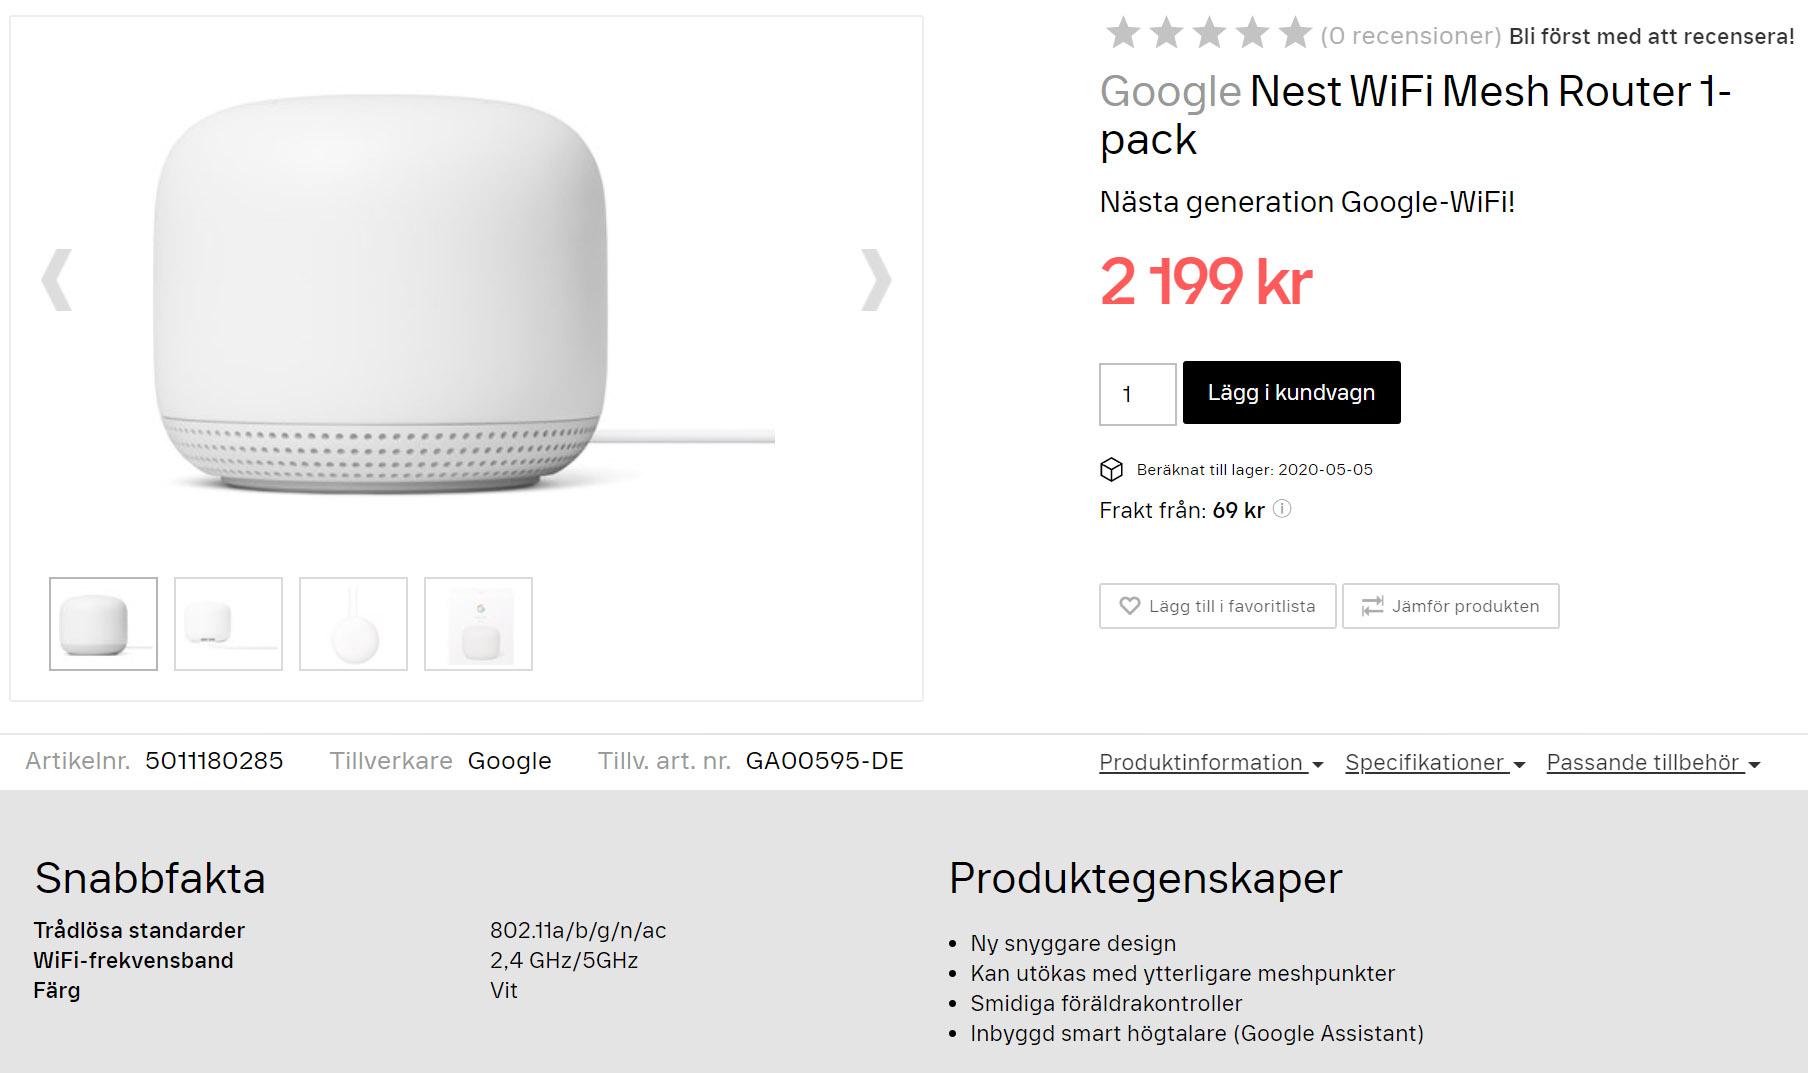 Svenska återförsäljare lägger upp Nest Wifi på de virtuella butikshyllorna